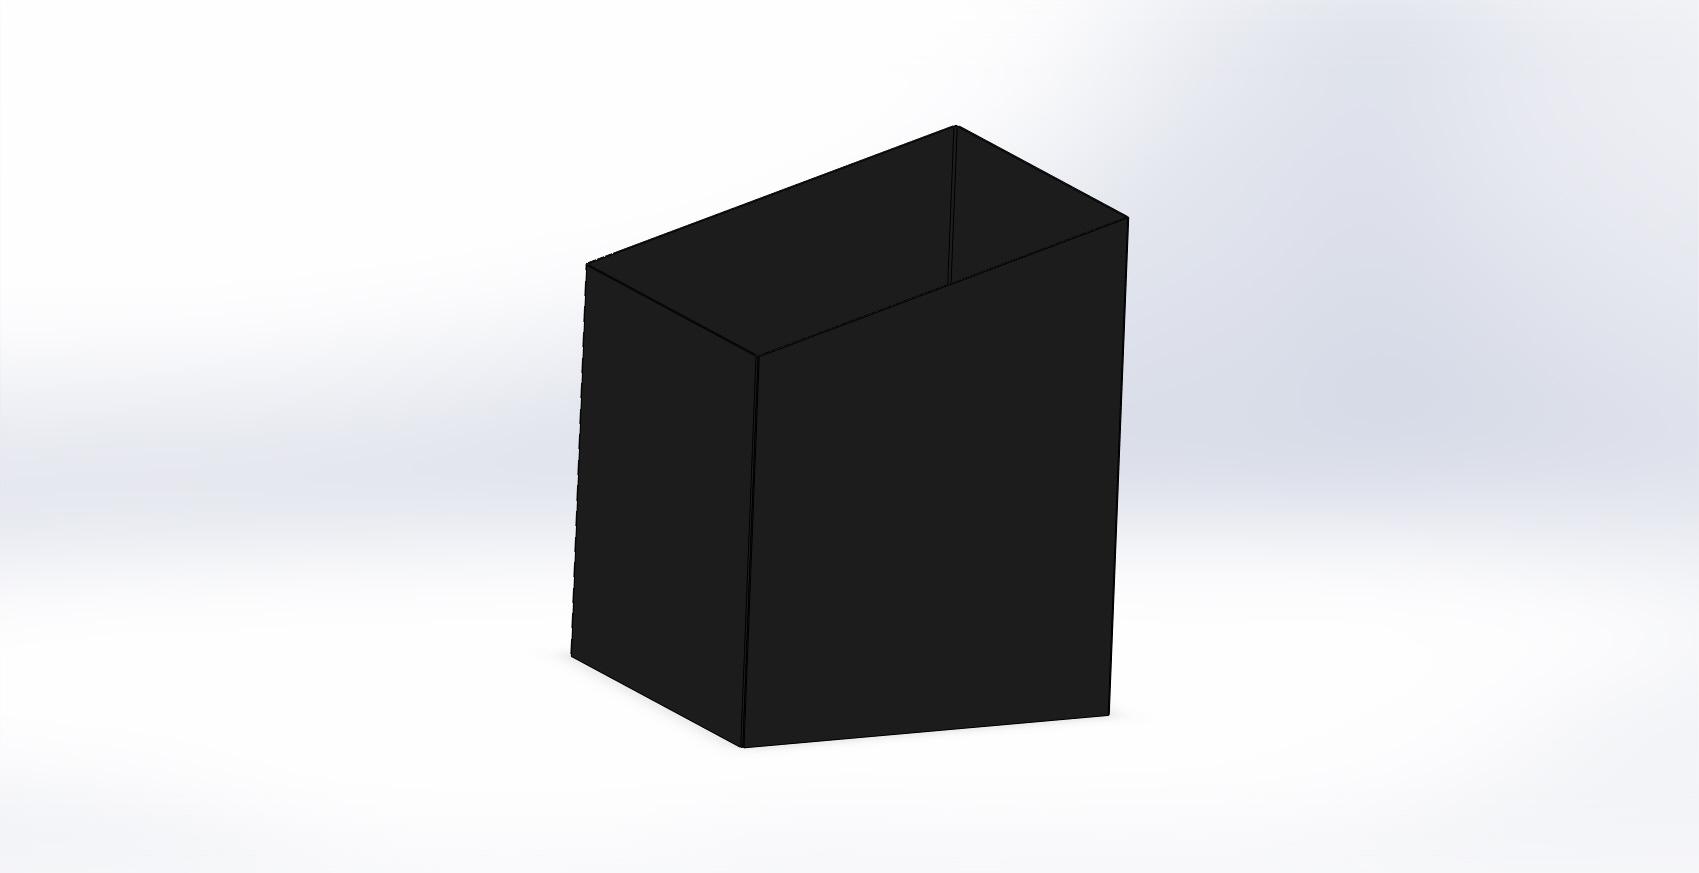 Traforart. Телескопический элемент под наклоном, черный.